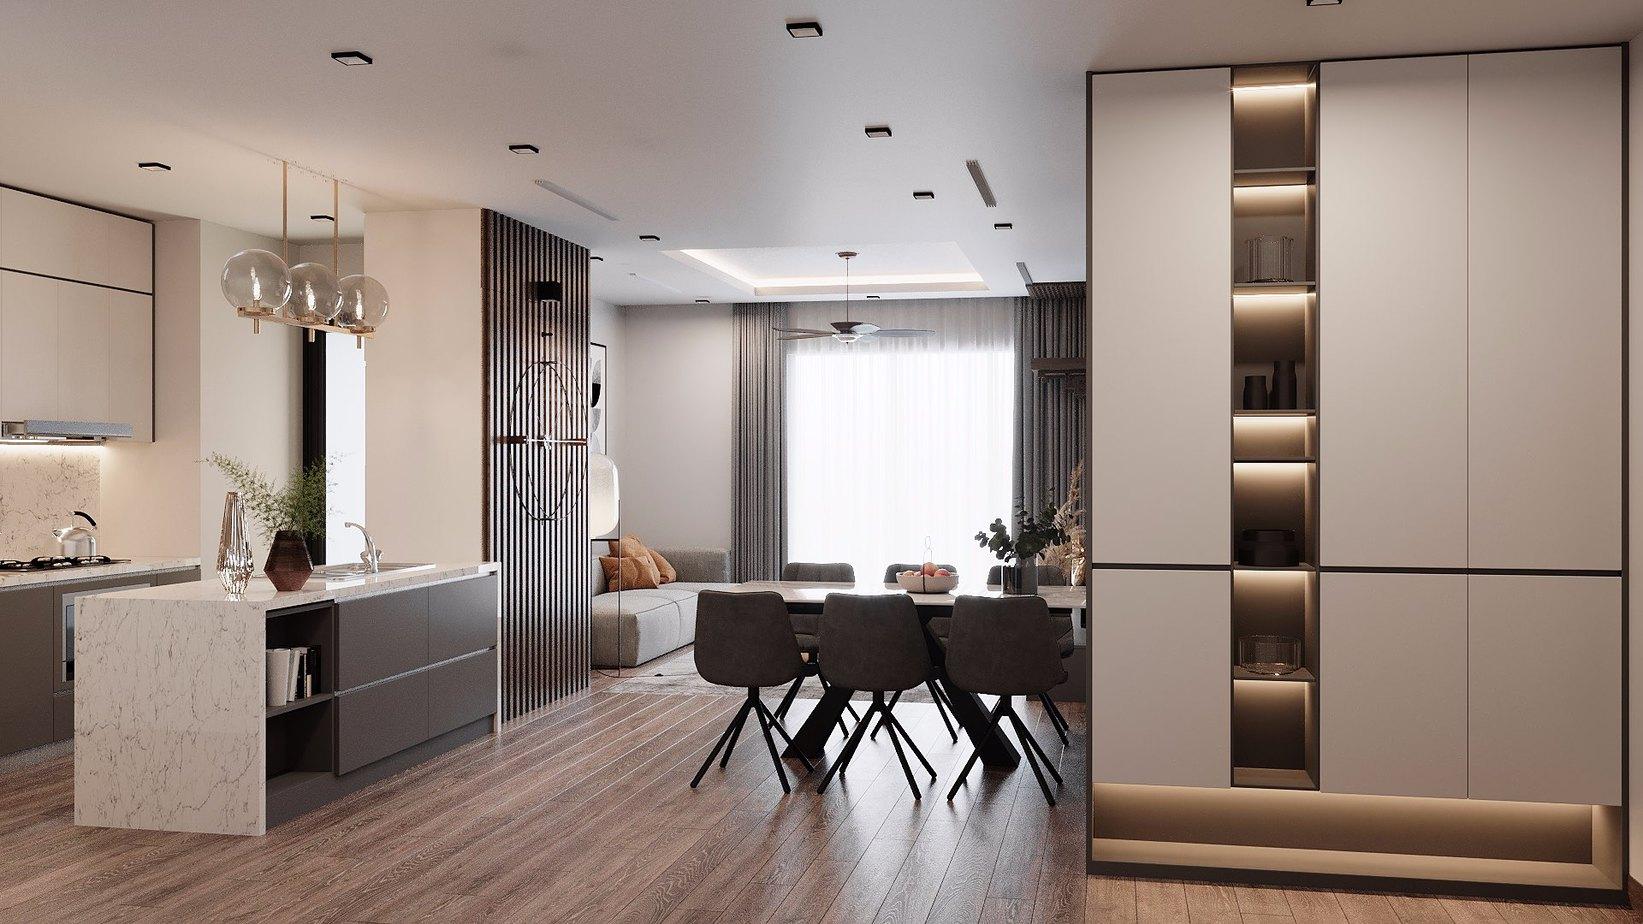 Vách ngăn gỗ hoà hợp với nội thất phòng bếp, mang lại vẻ đẹp đầy ấn tượng.